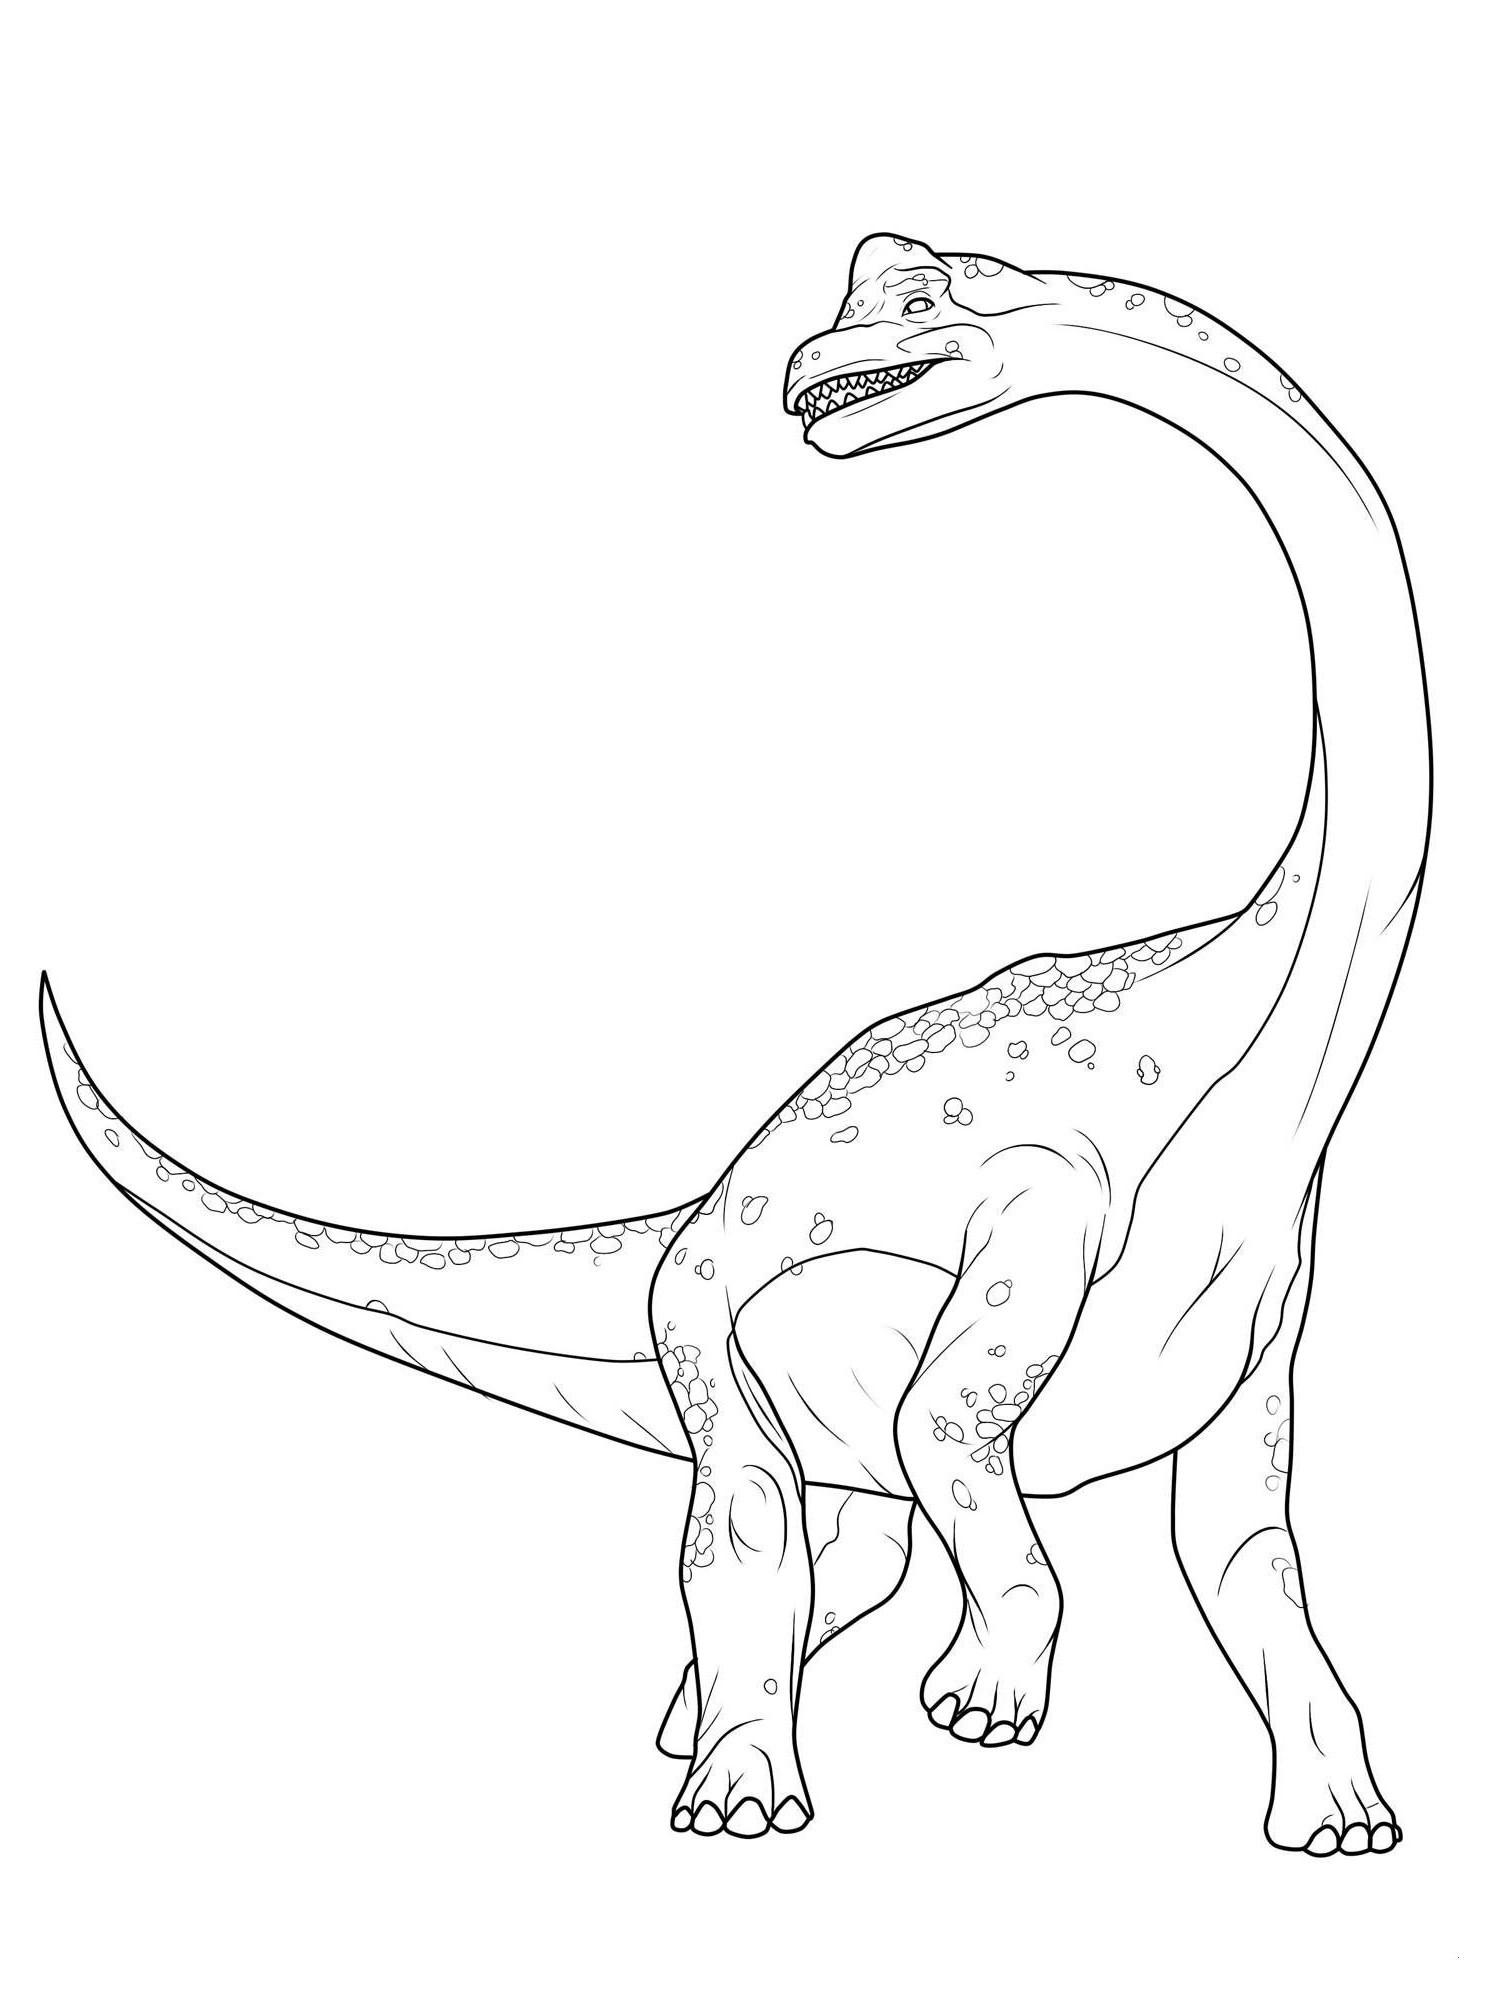 Ausmalbilder Dinosaurier In Einem Land Vor Unserer Zeit Einzigartig 27 Luxus Dinosaurier Ausmalbilder – Malvorlagen Ideen Stock